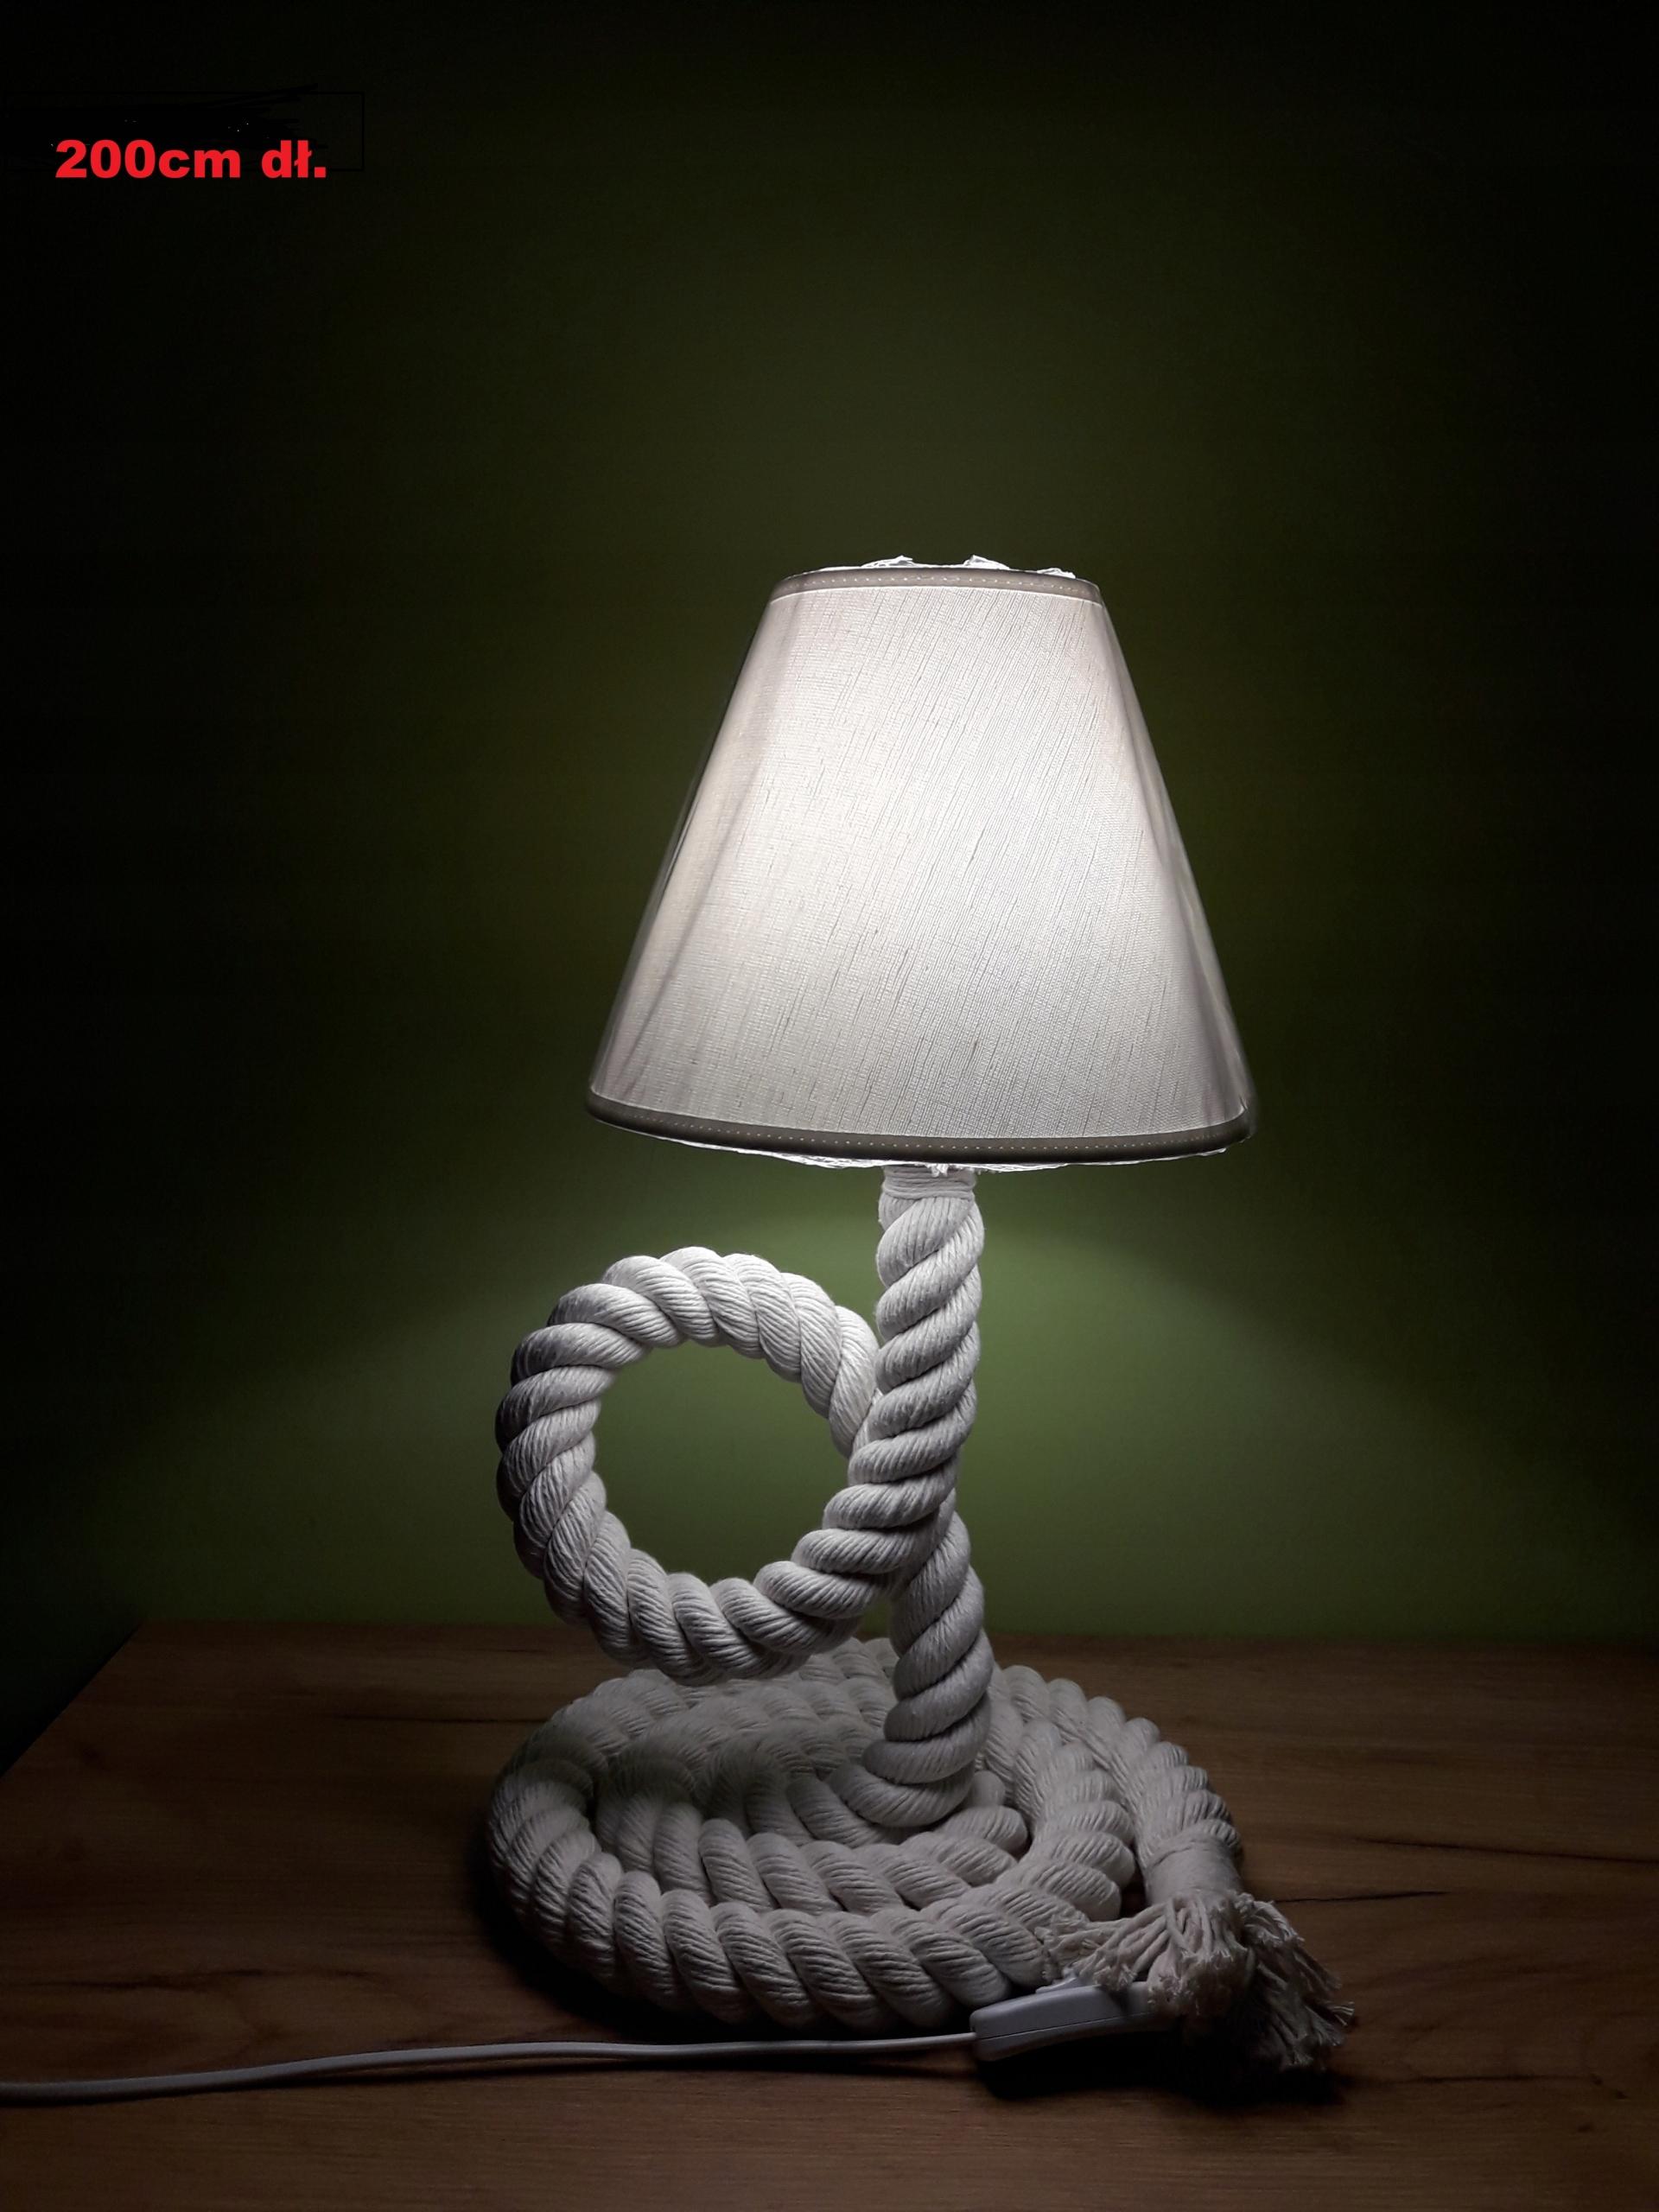 Lampy, nočné lampy lano marynistyczna 2m ručné